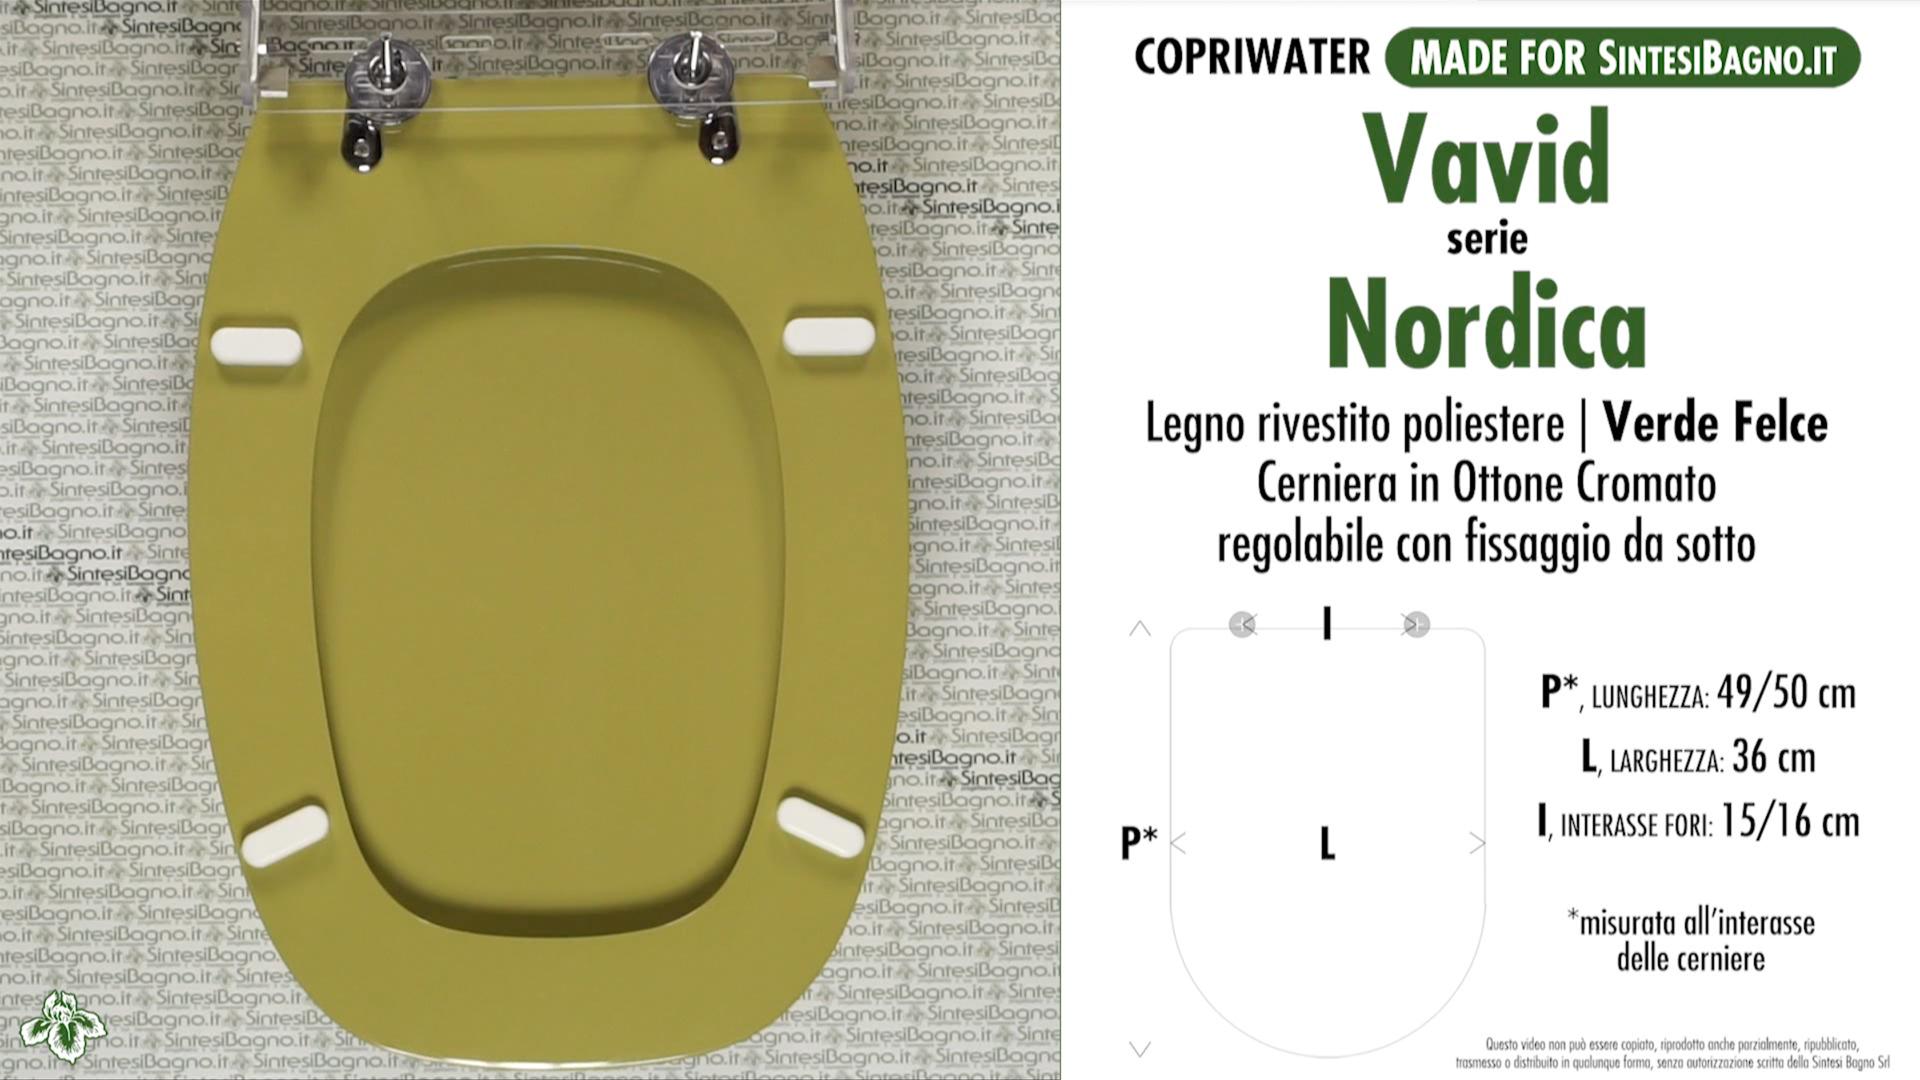 SCHEDA TECNICA MISURE copriwater VAVID NORDICA